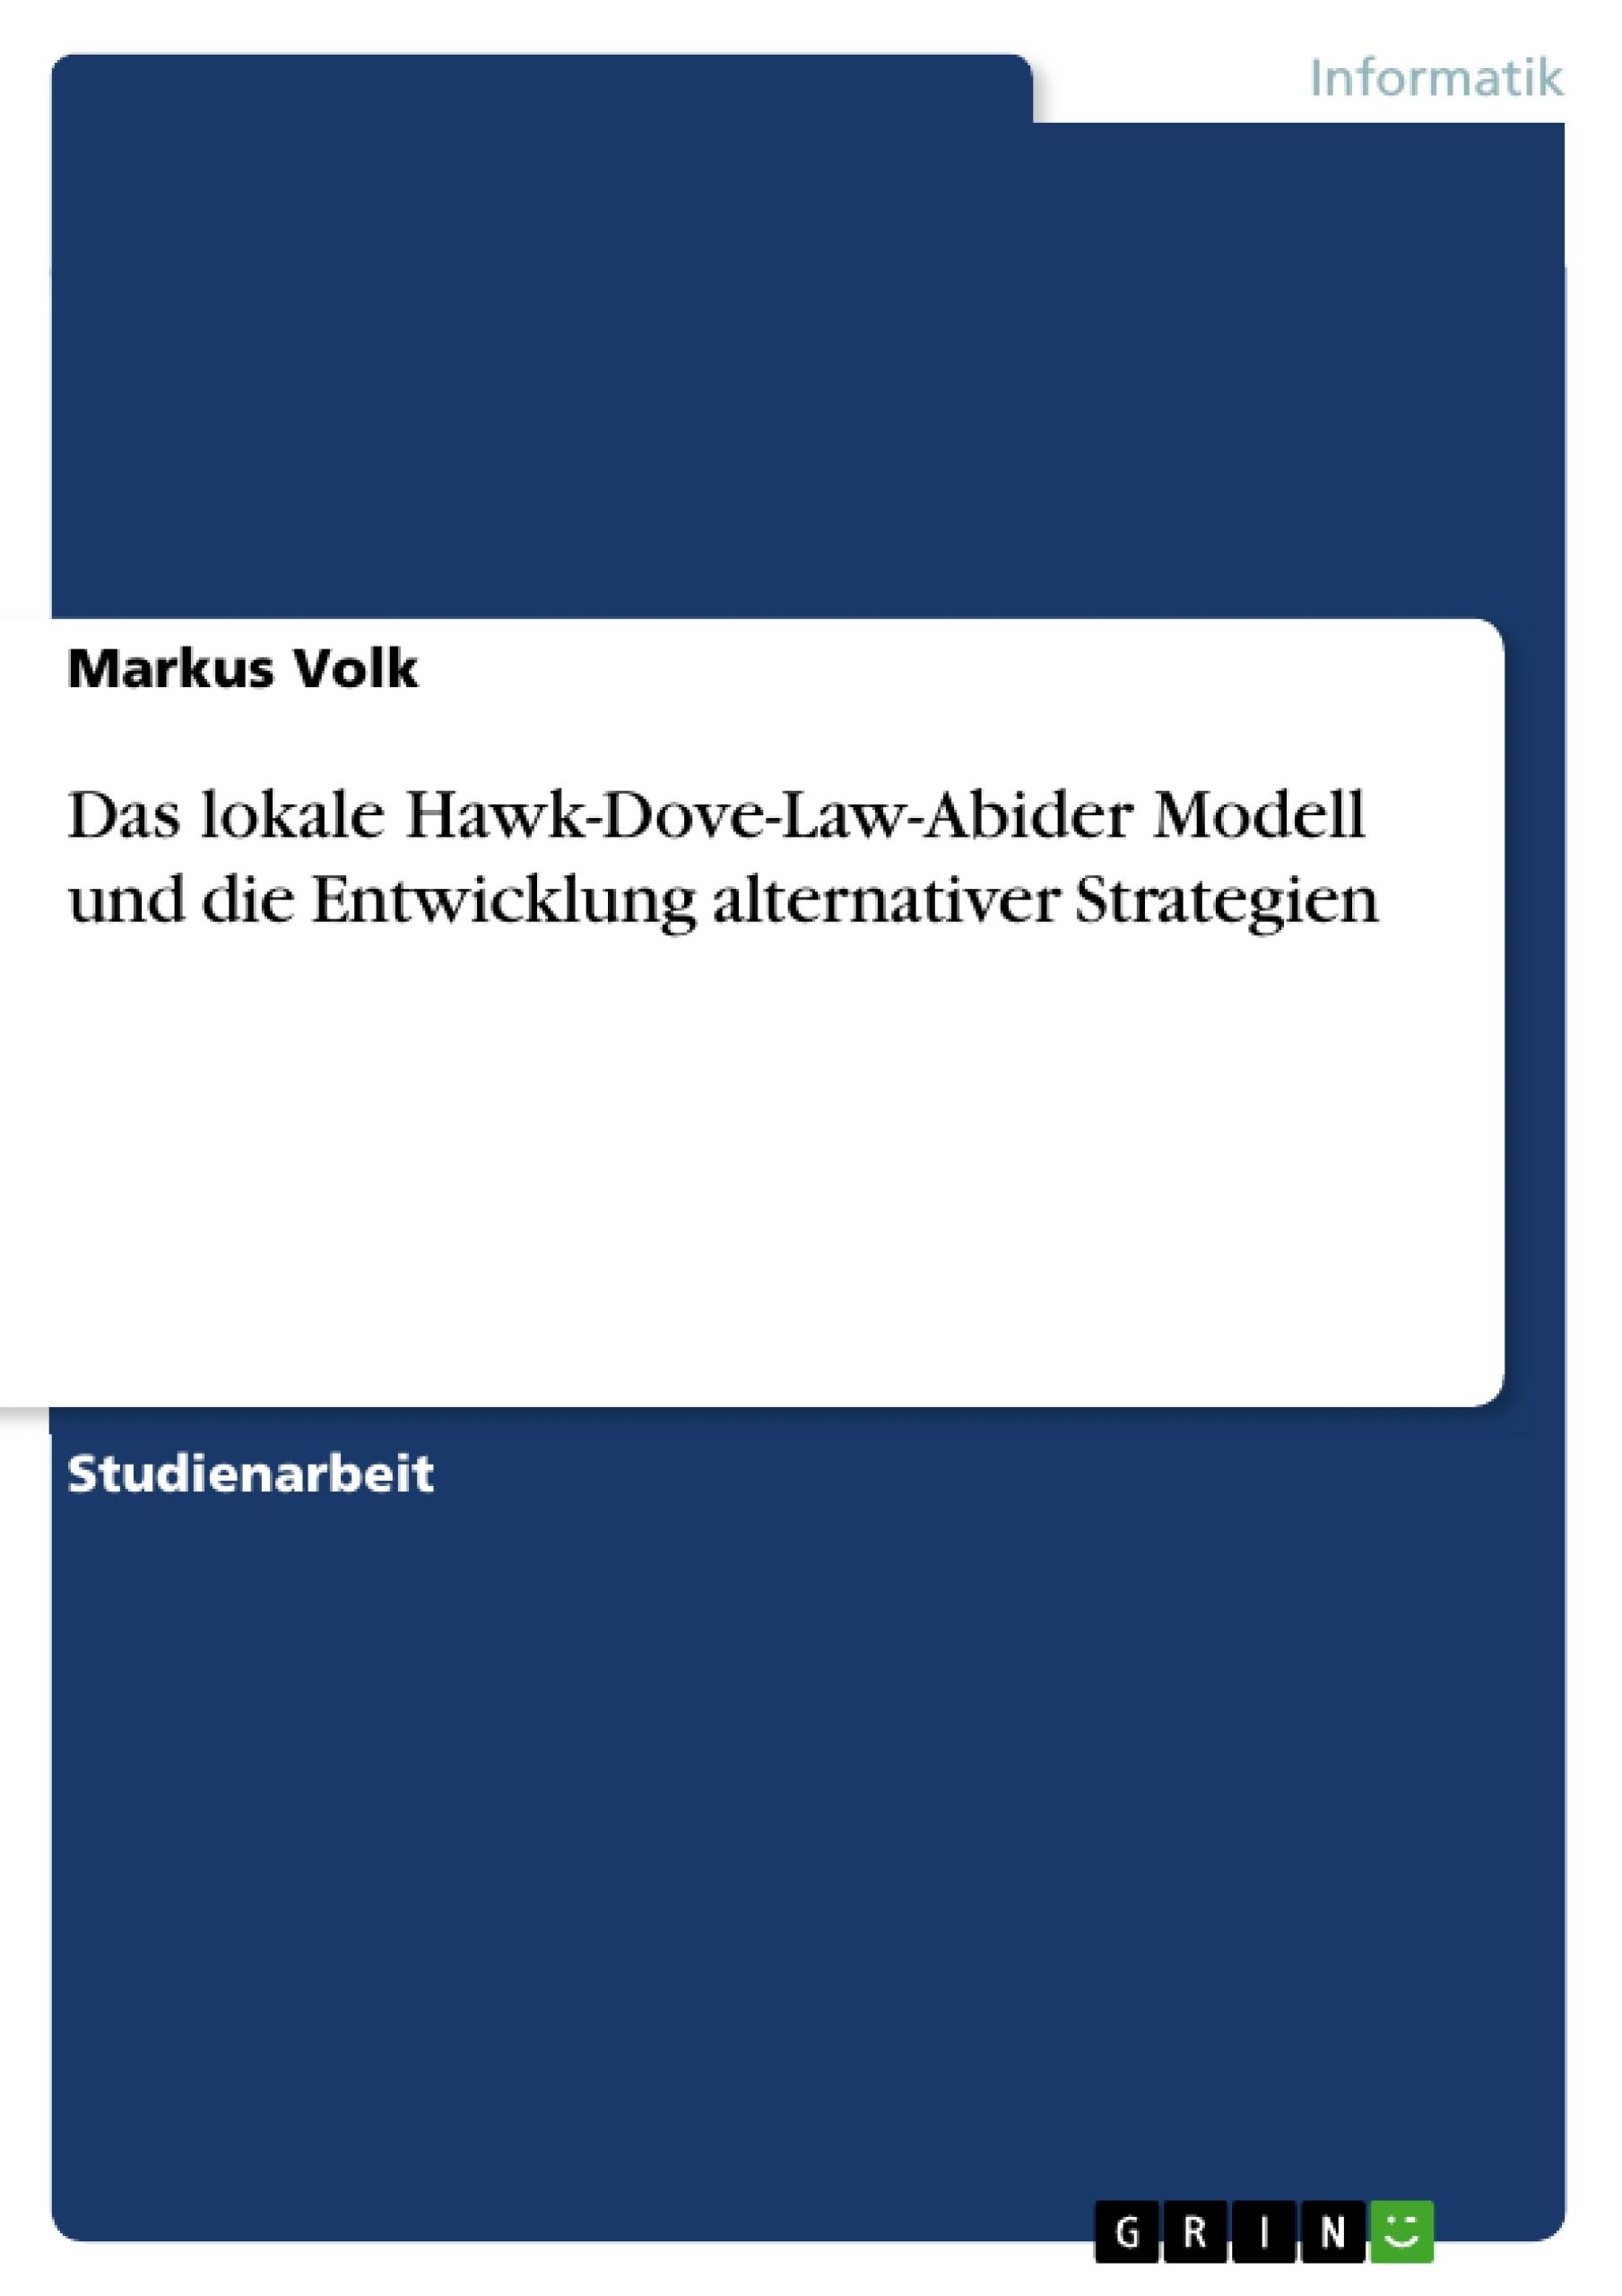 Titel: Das lokale Hawk-Dove-Law-Abider Modell und die Entwicklung alternativer Strategien